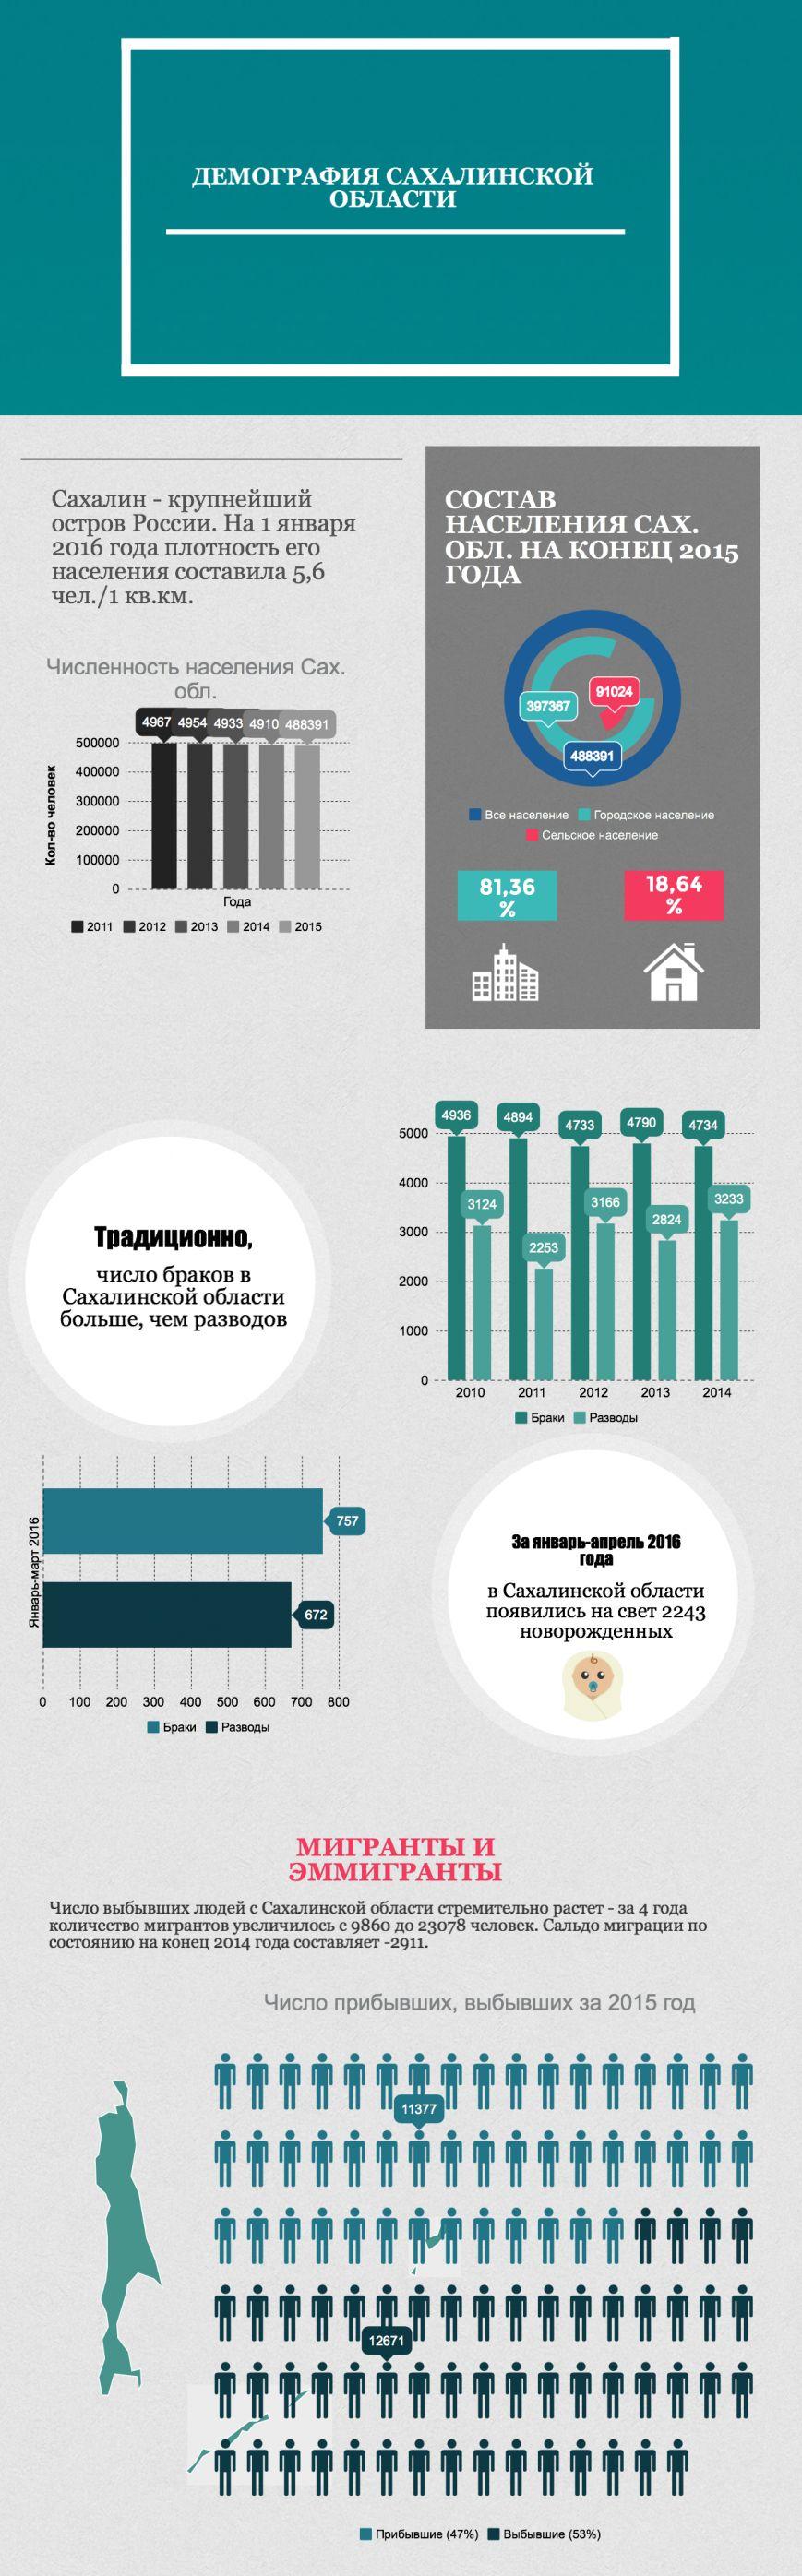 Демографическая ситуация в Сахалинской области оставляет желать лучшего, фото-1